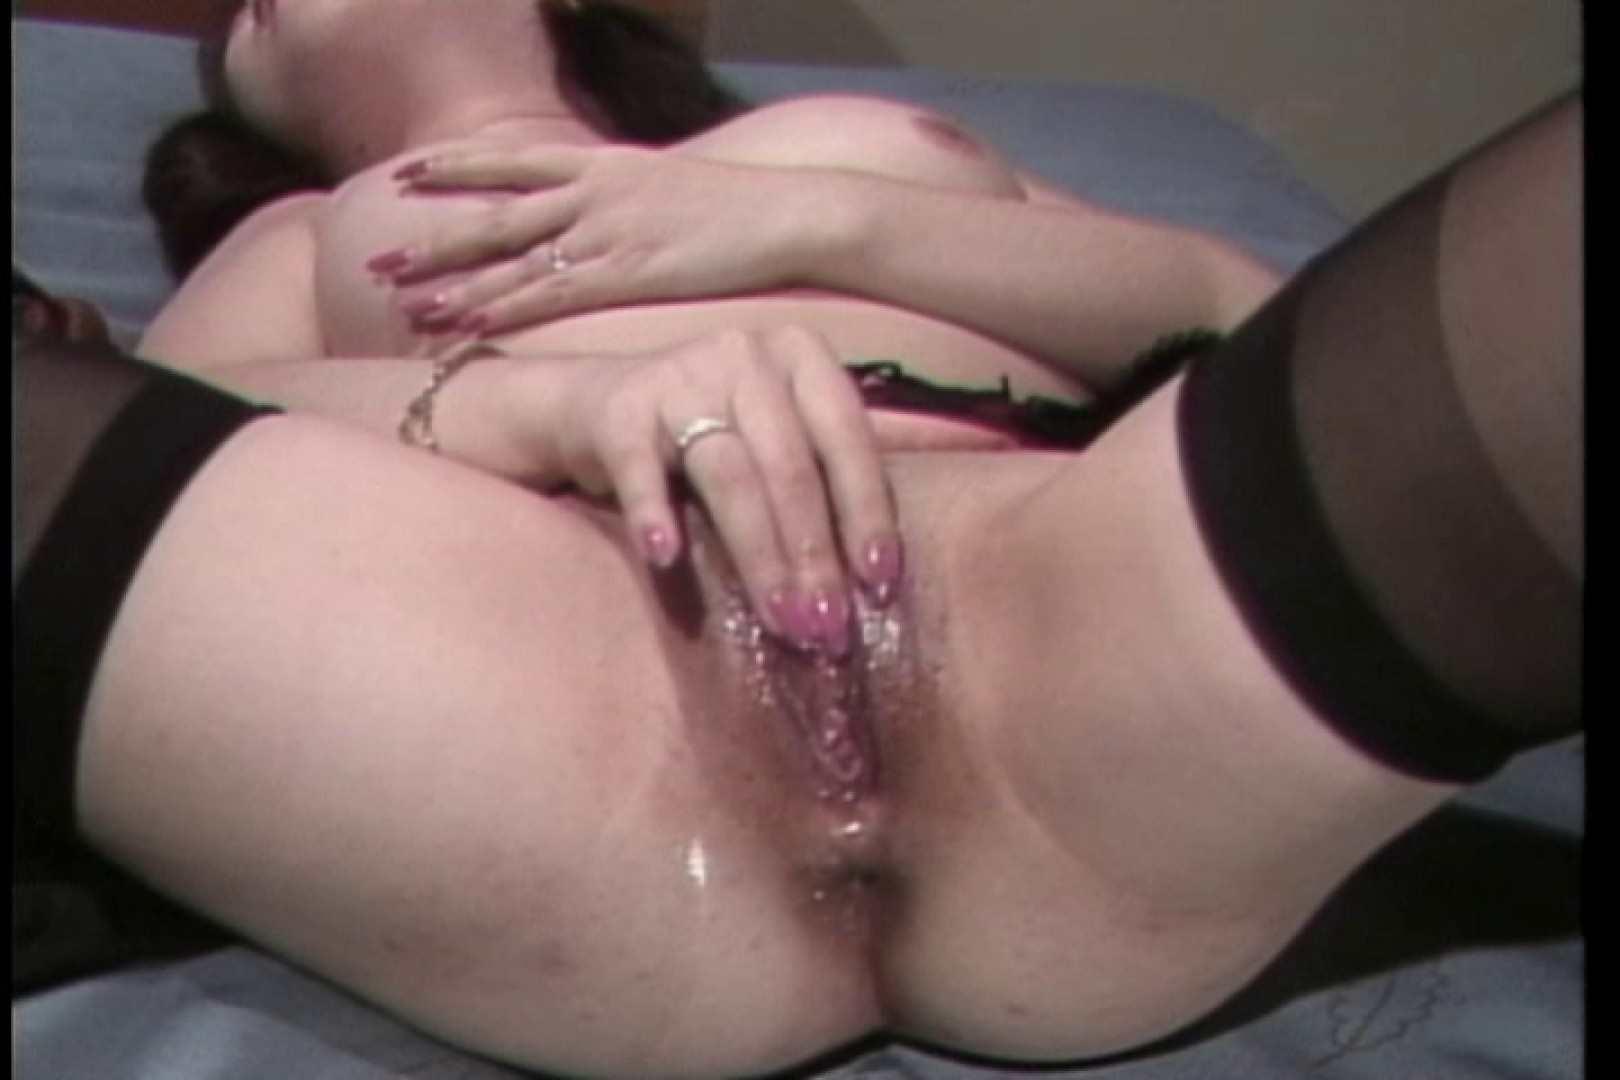 変態亜美のアブノーマルな世界・前編~夢野亜美~ オナニー特集   巨乳デカ乳  112画像 76